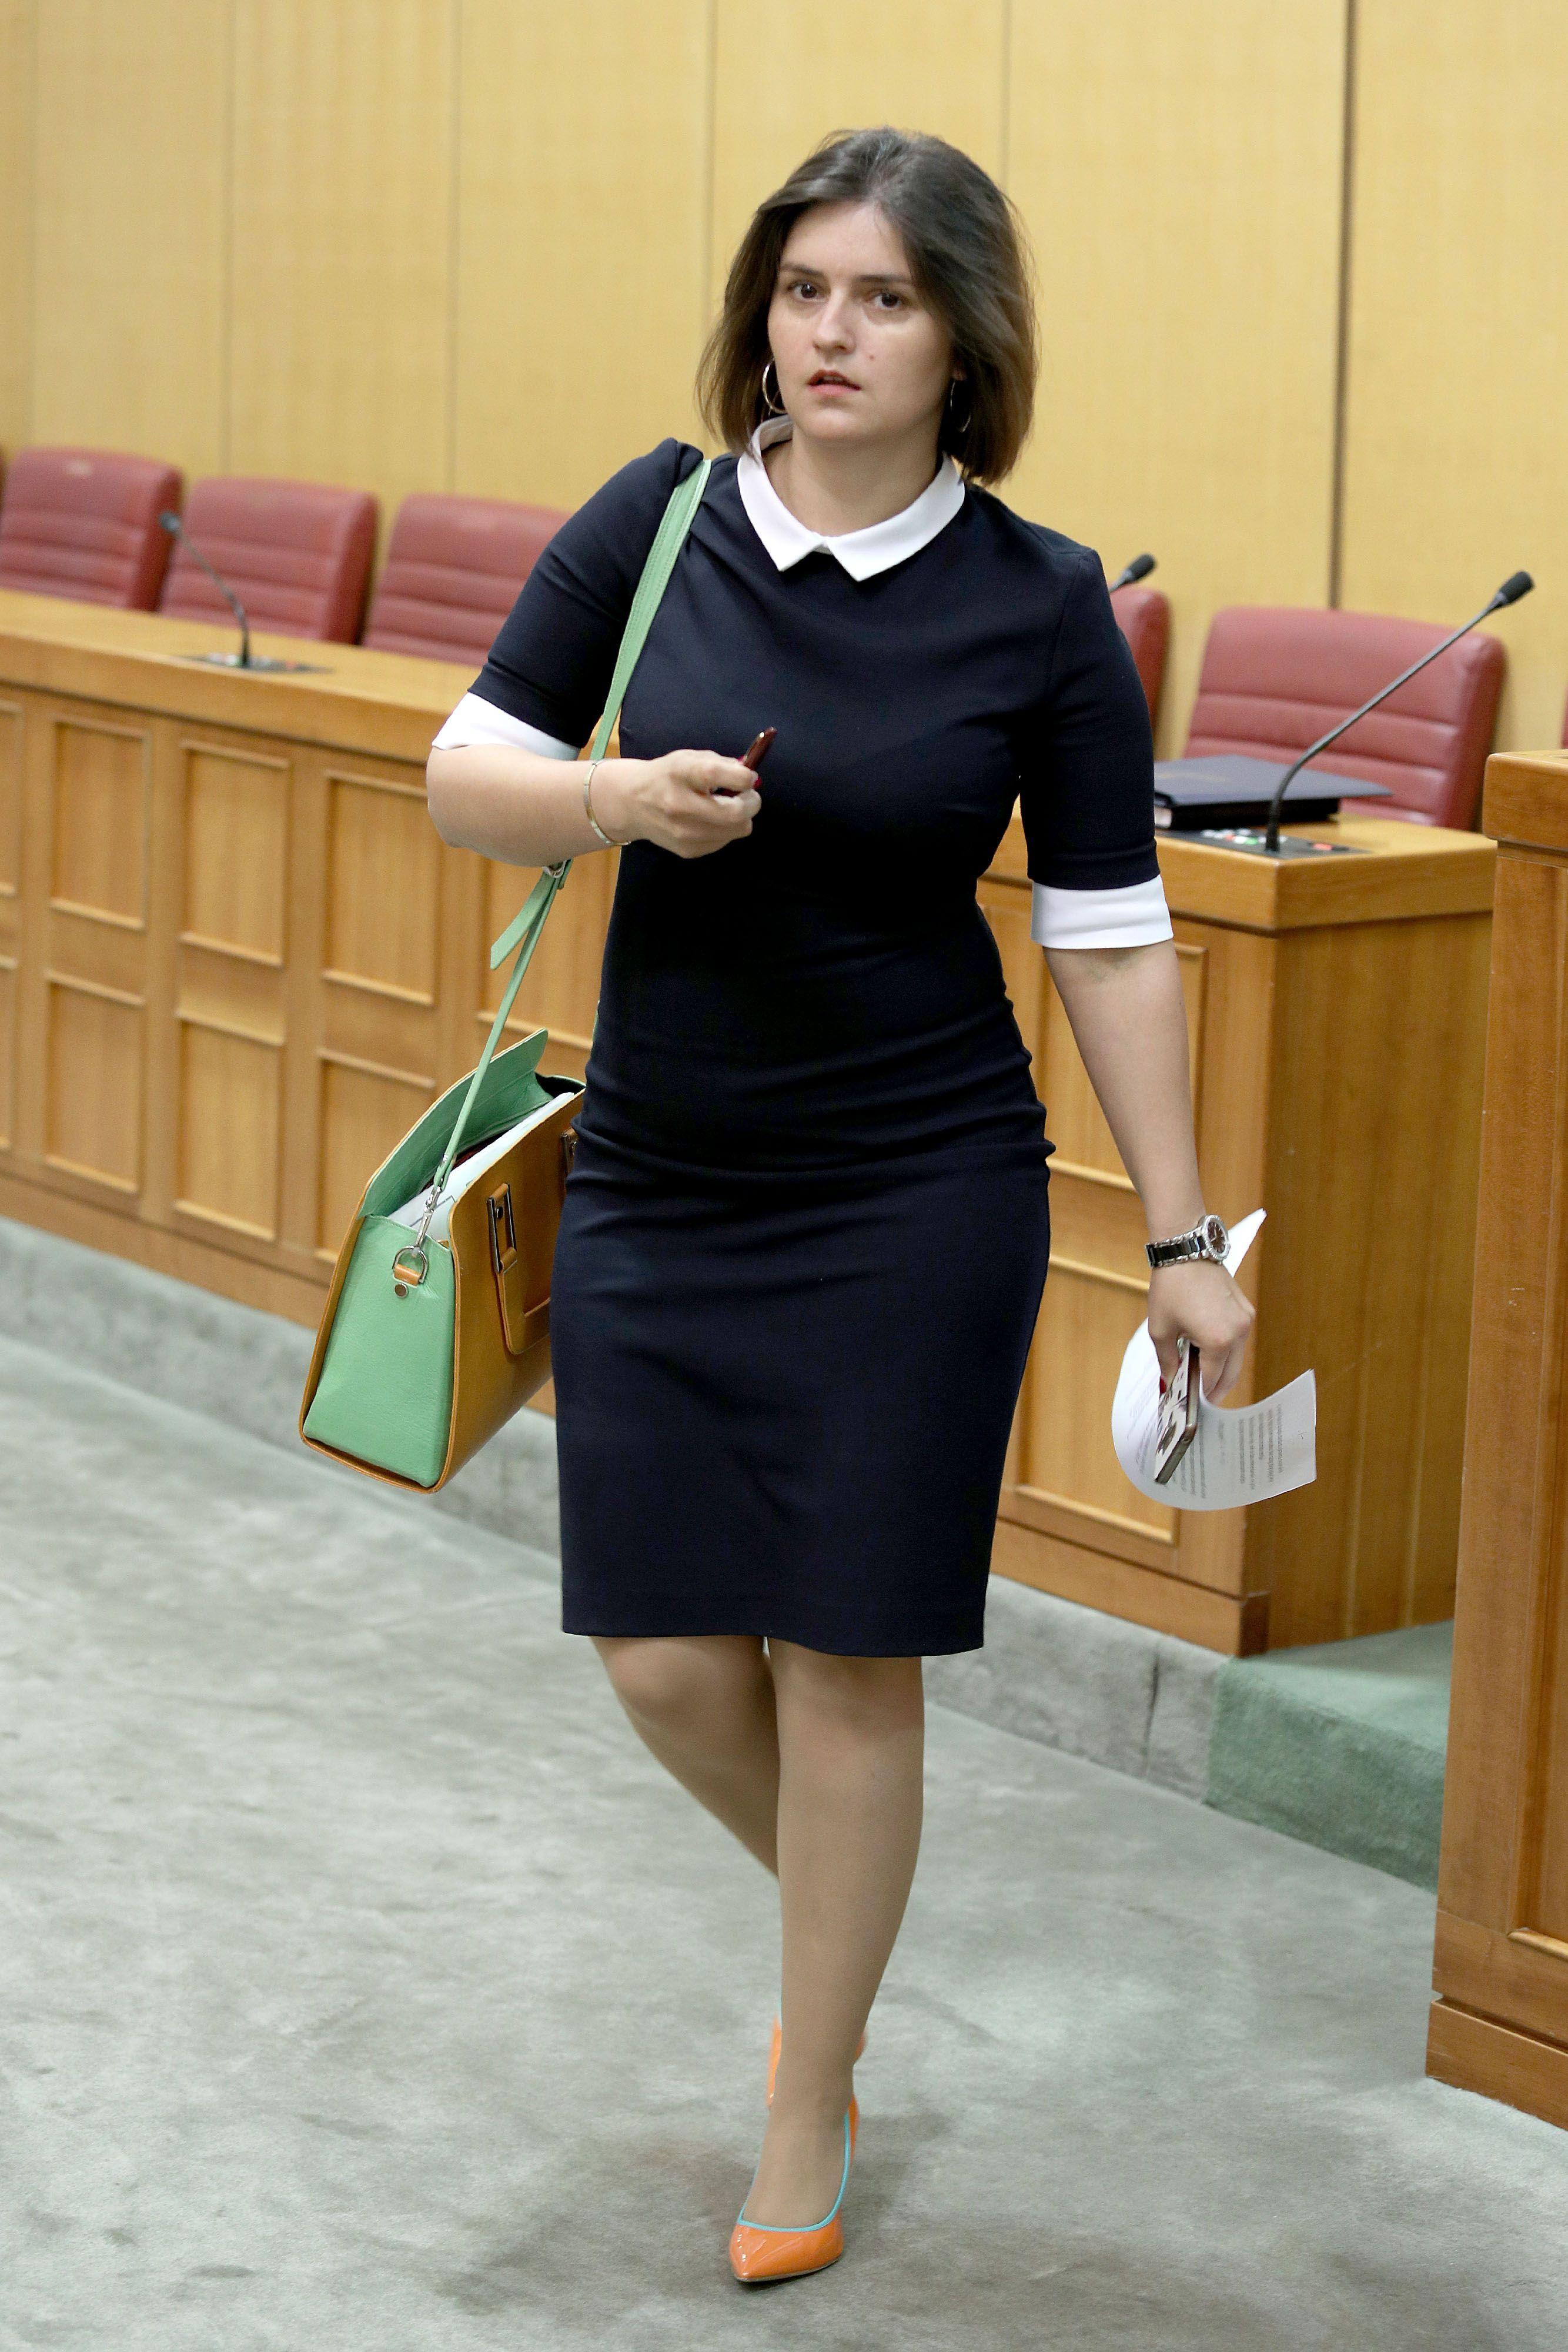 Kakav matchy-matchy moment! Pogledajte kako je saborska zastupnica uskladila neobične cipele i torbu